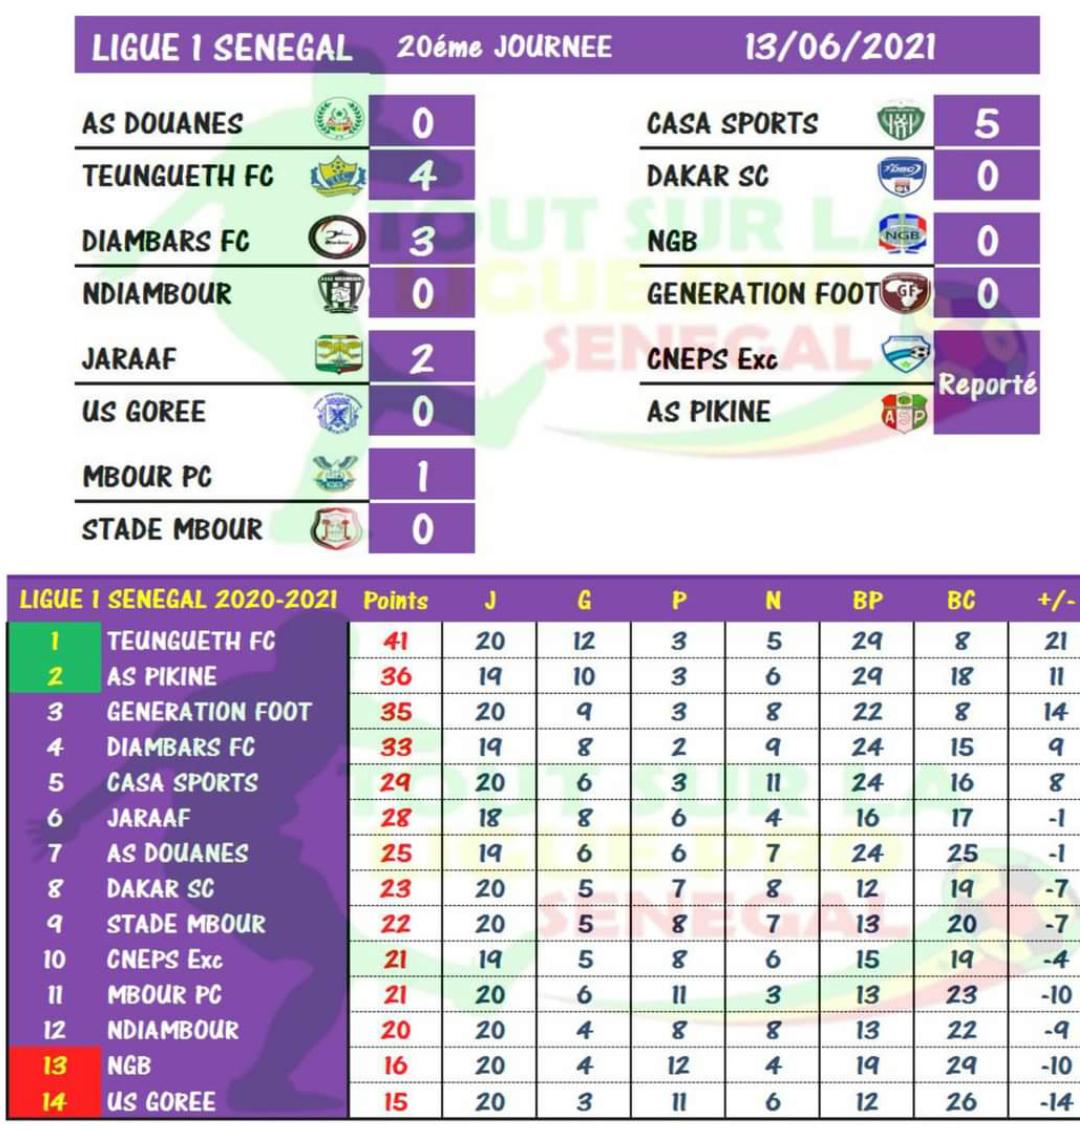 """20ème journée Ligue 1 : Le Casa Sport inflige une """"manita"""" à Dakar Sacré-Cœur, Teungueth FC impitoyable face à l'AS Douanes..."""